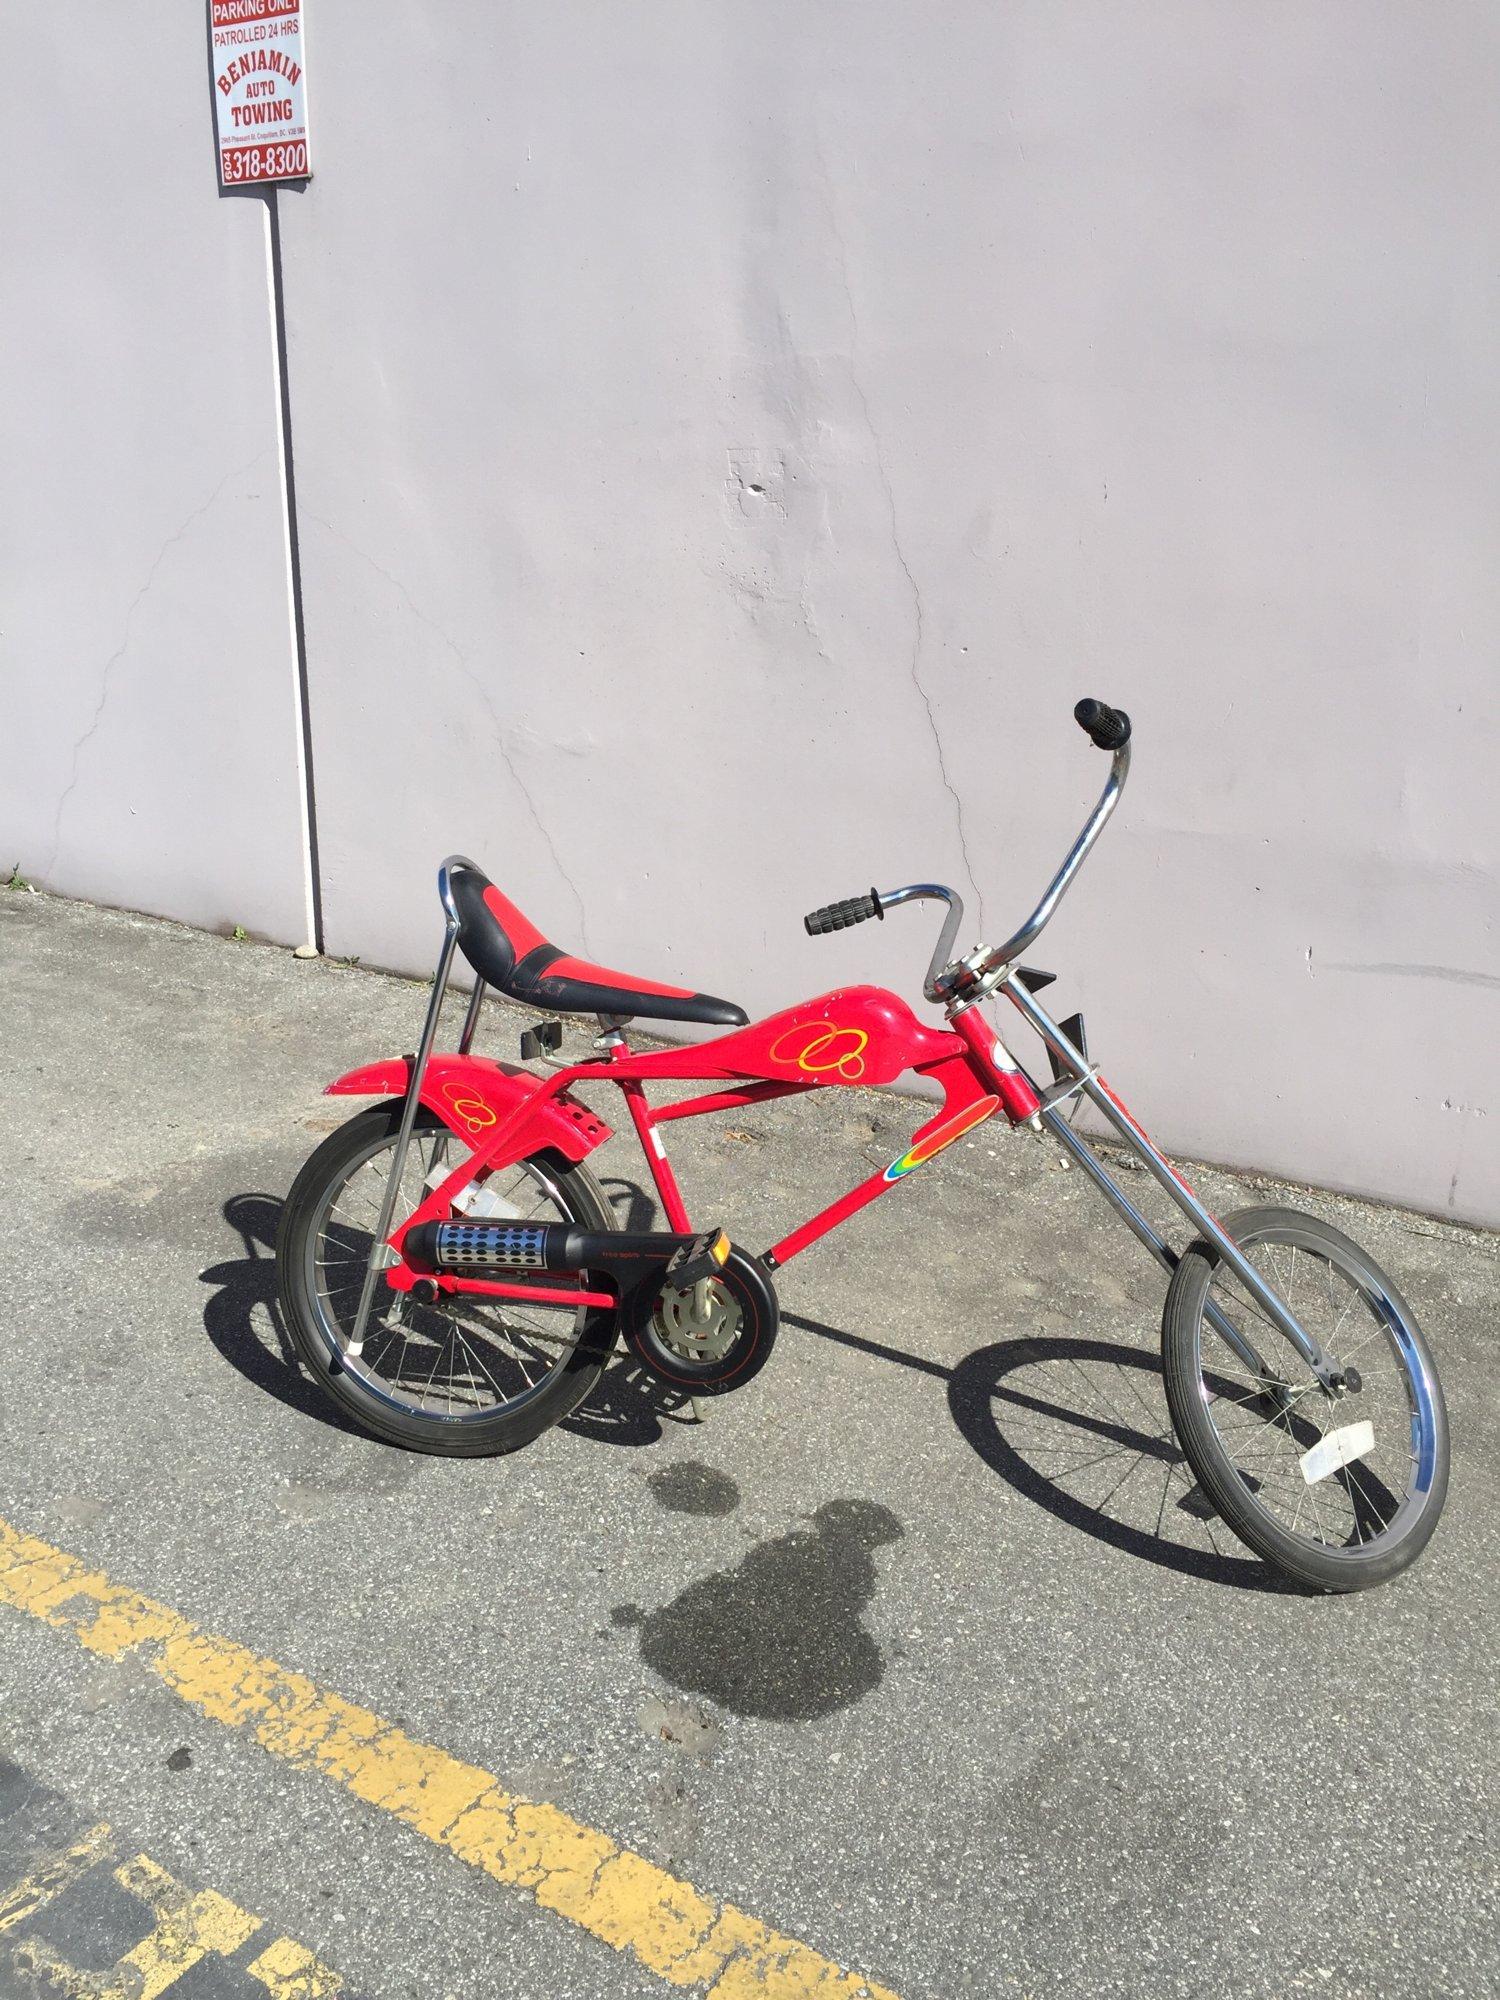 Bike - Simpsons Sears Chopper Bicycle - Original.jpg